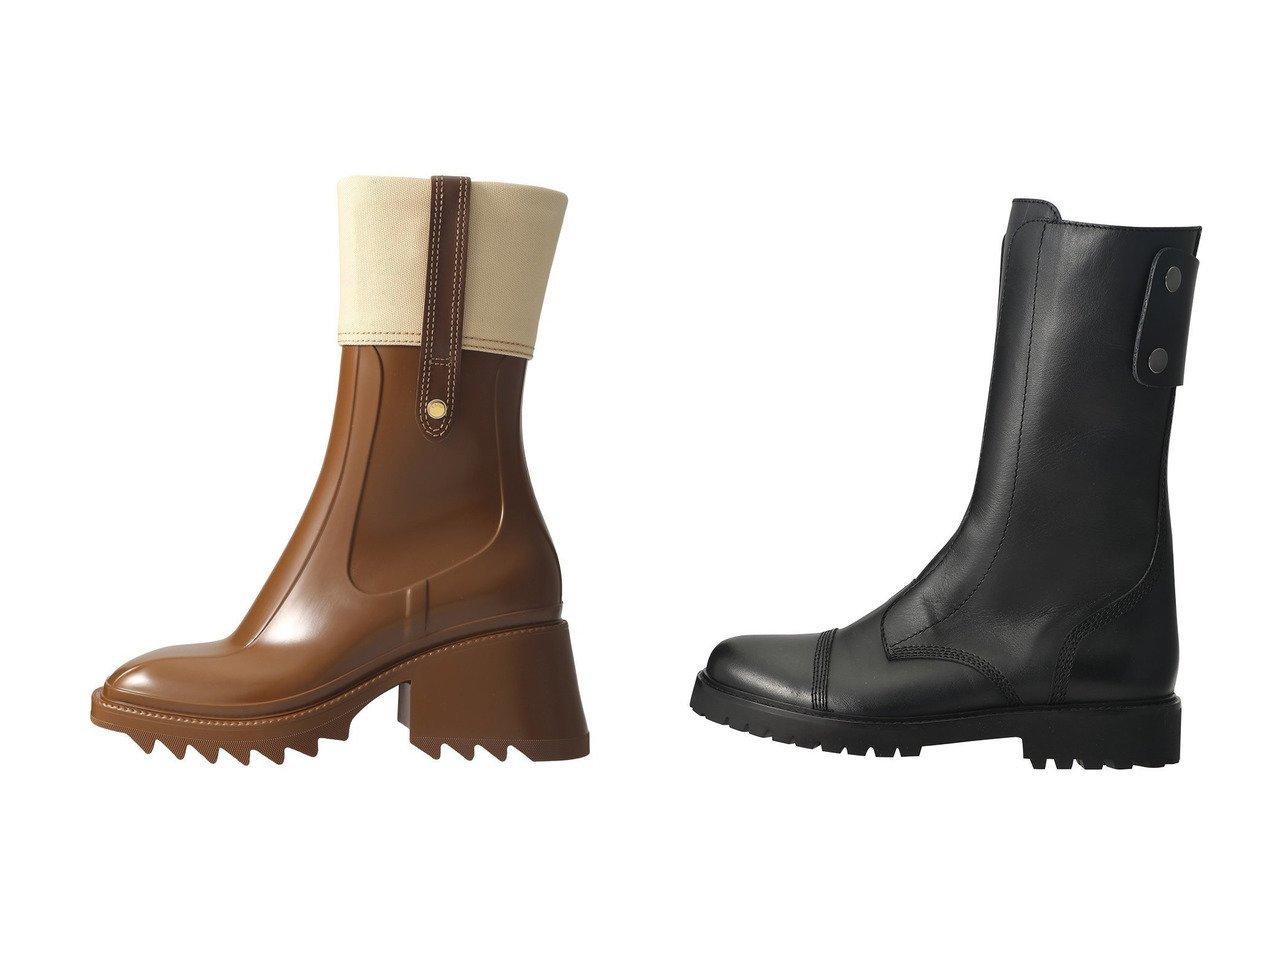 【ZADIG & VOLTAIRE/ザディグ エ ヴォルテール】のJOE HIGH SMOOTH CALFSKIN ショートブーツ&【CHLOE/クロエ】のBETTY レインブーツ 【シューズ・靴】おすすめ!人気、トレンド・レディースファッションの通販 おすすめで人気の流行・トレンド、ファッションの通販商品 メンズファッション・キッズファッション・インテリア・家具・レディースファッション・服の通販 founy(ファニー) https://founy.com/ ファッション Fashion レディースファッション WOMEN ショート 人気 キャンバス スタッズ フィット  ID:crp329100000029164